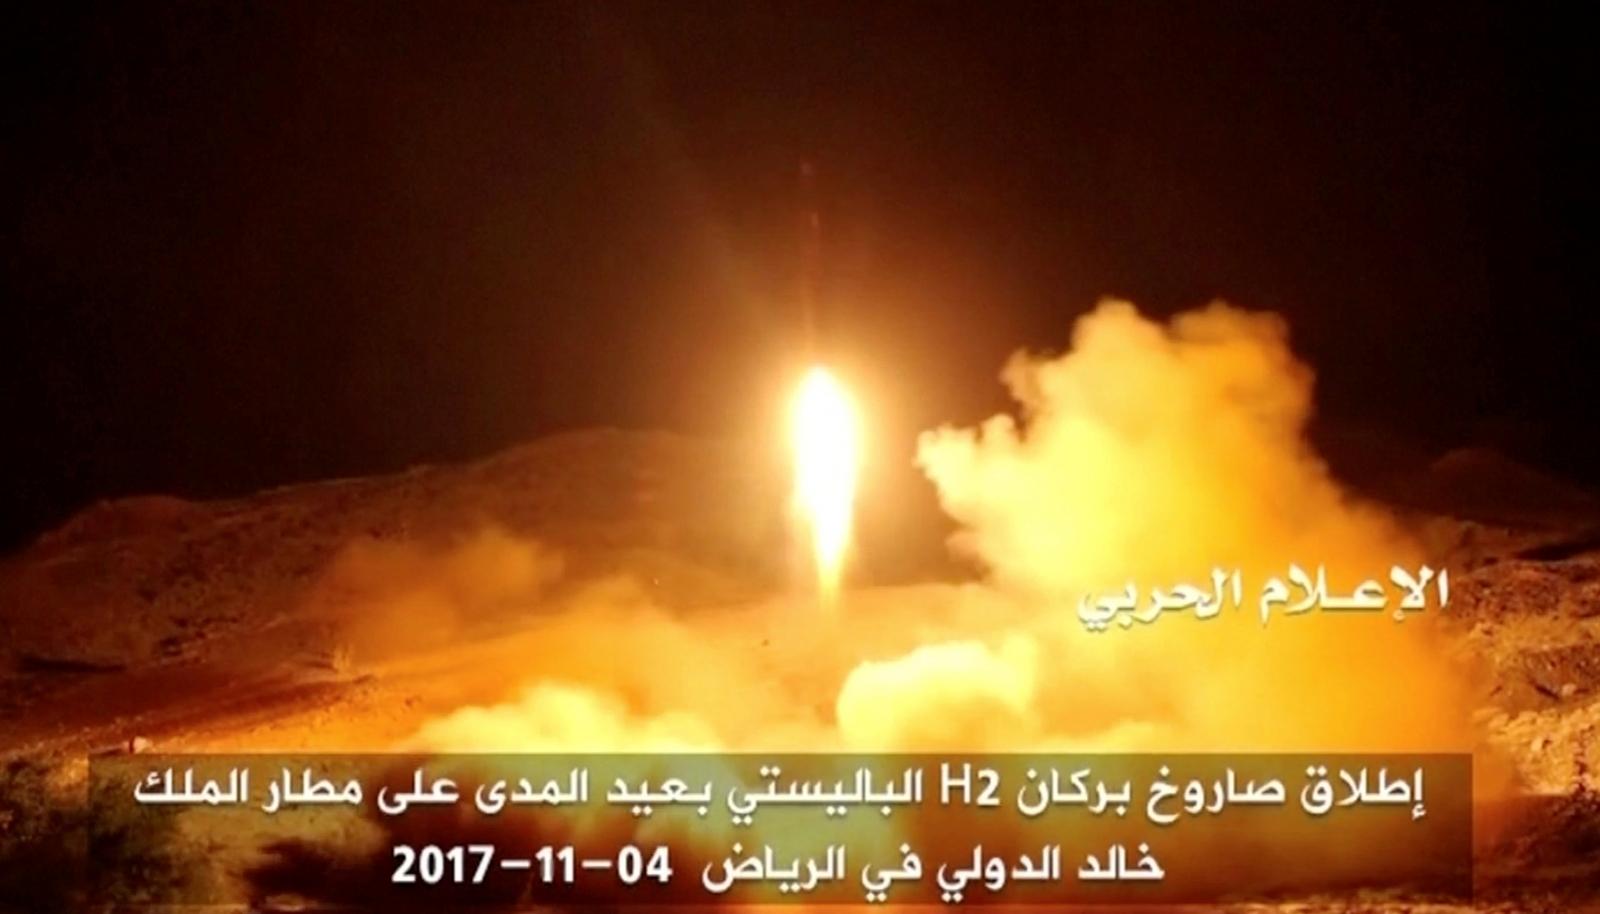 Yemen Houthi missile against Saudi Arabia